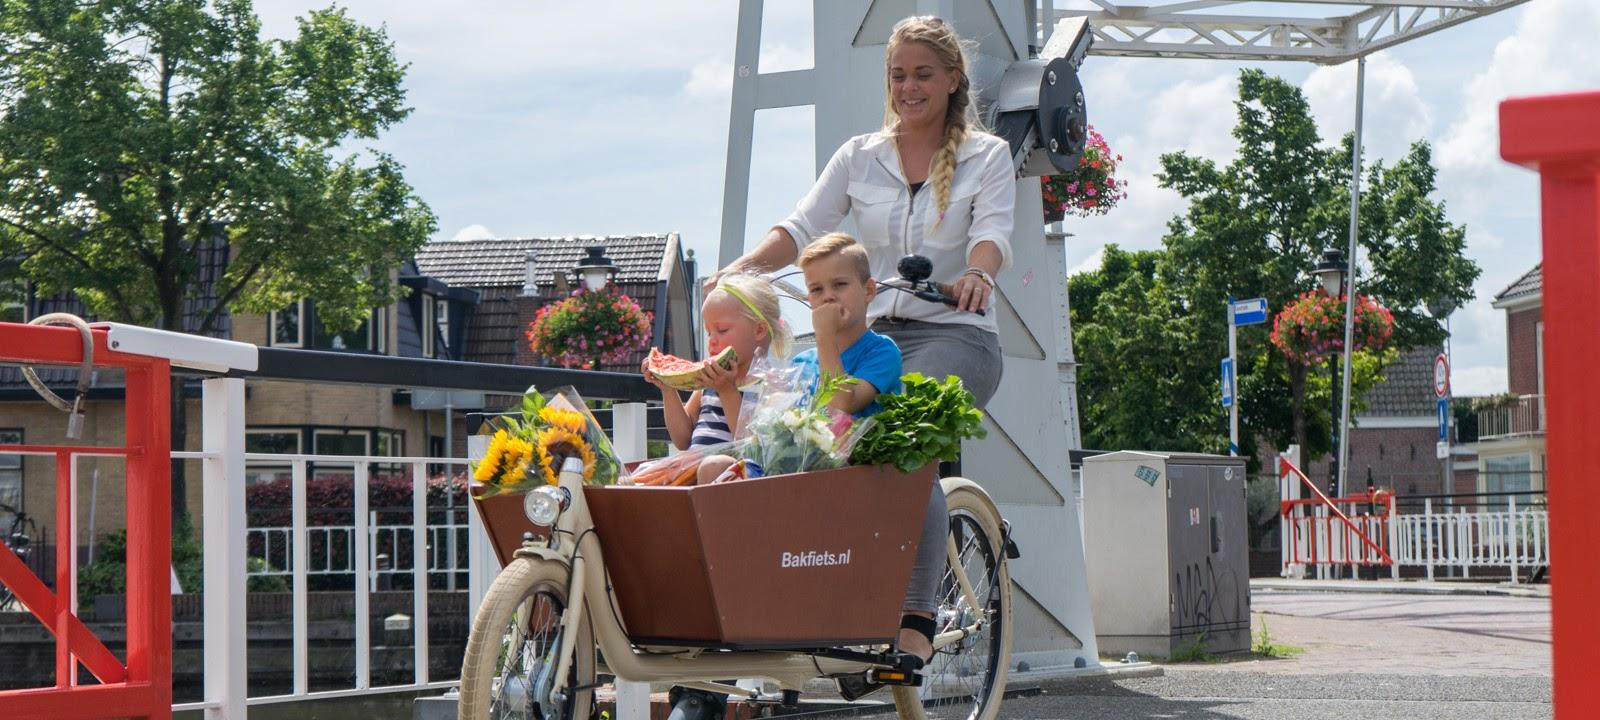 Бакфитс. Фото bakfiets.nl